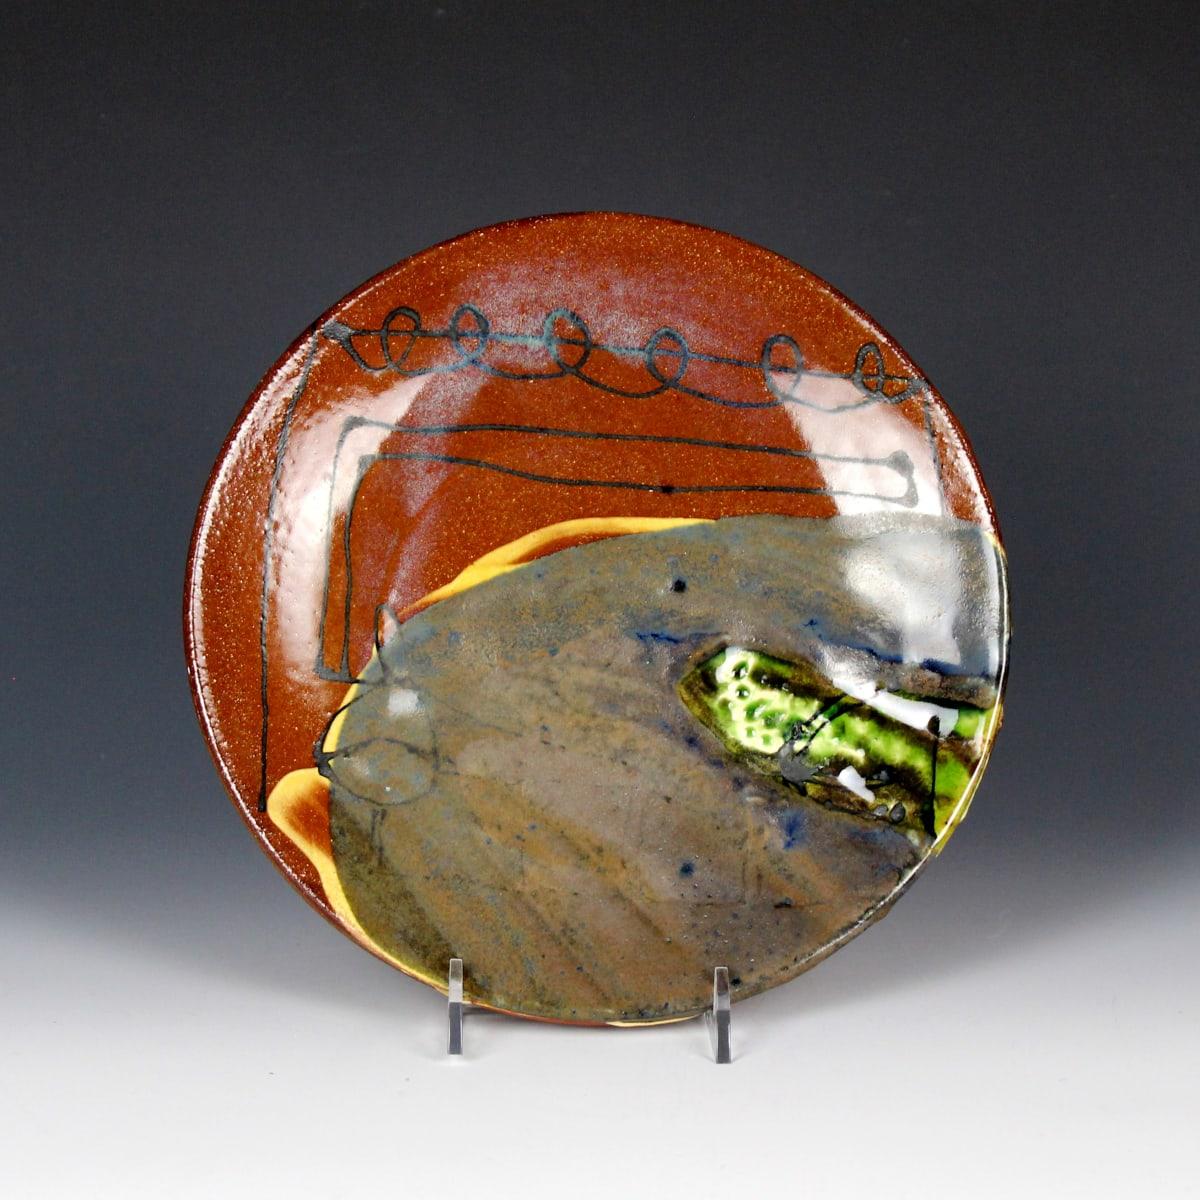 Josh DeWeese, Plate